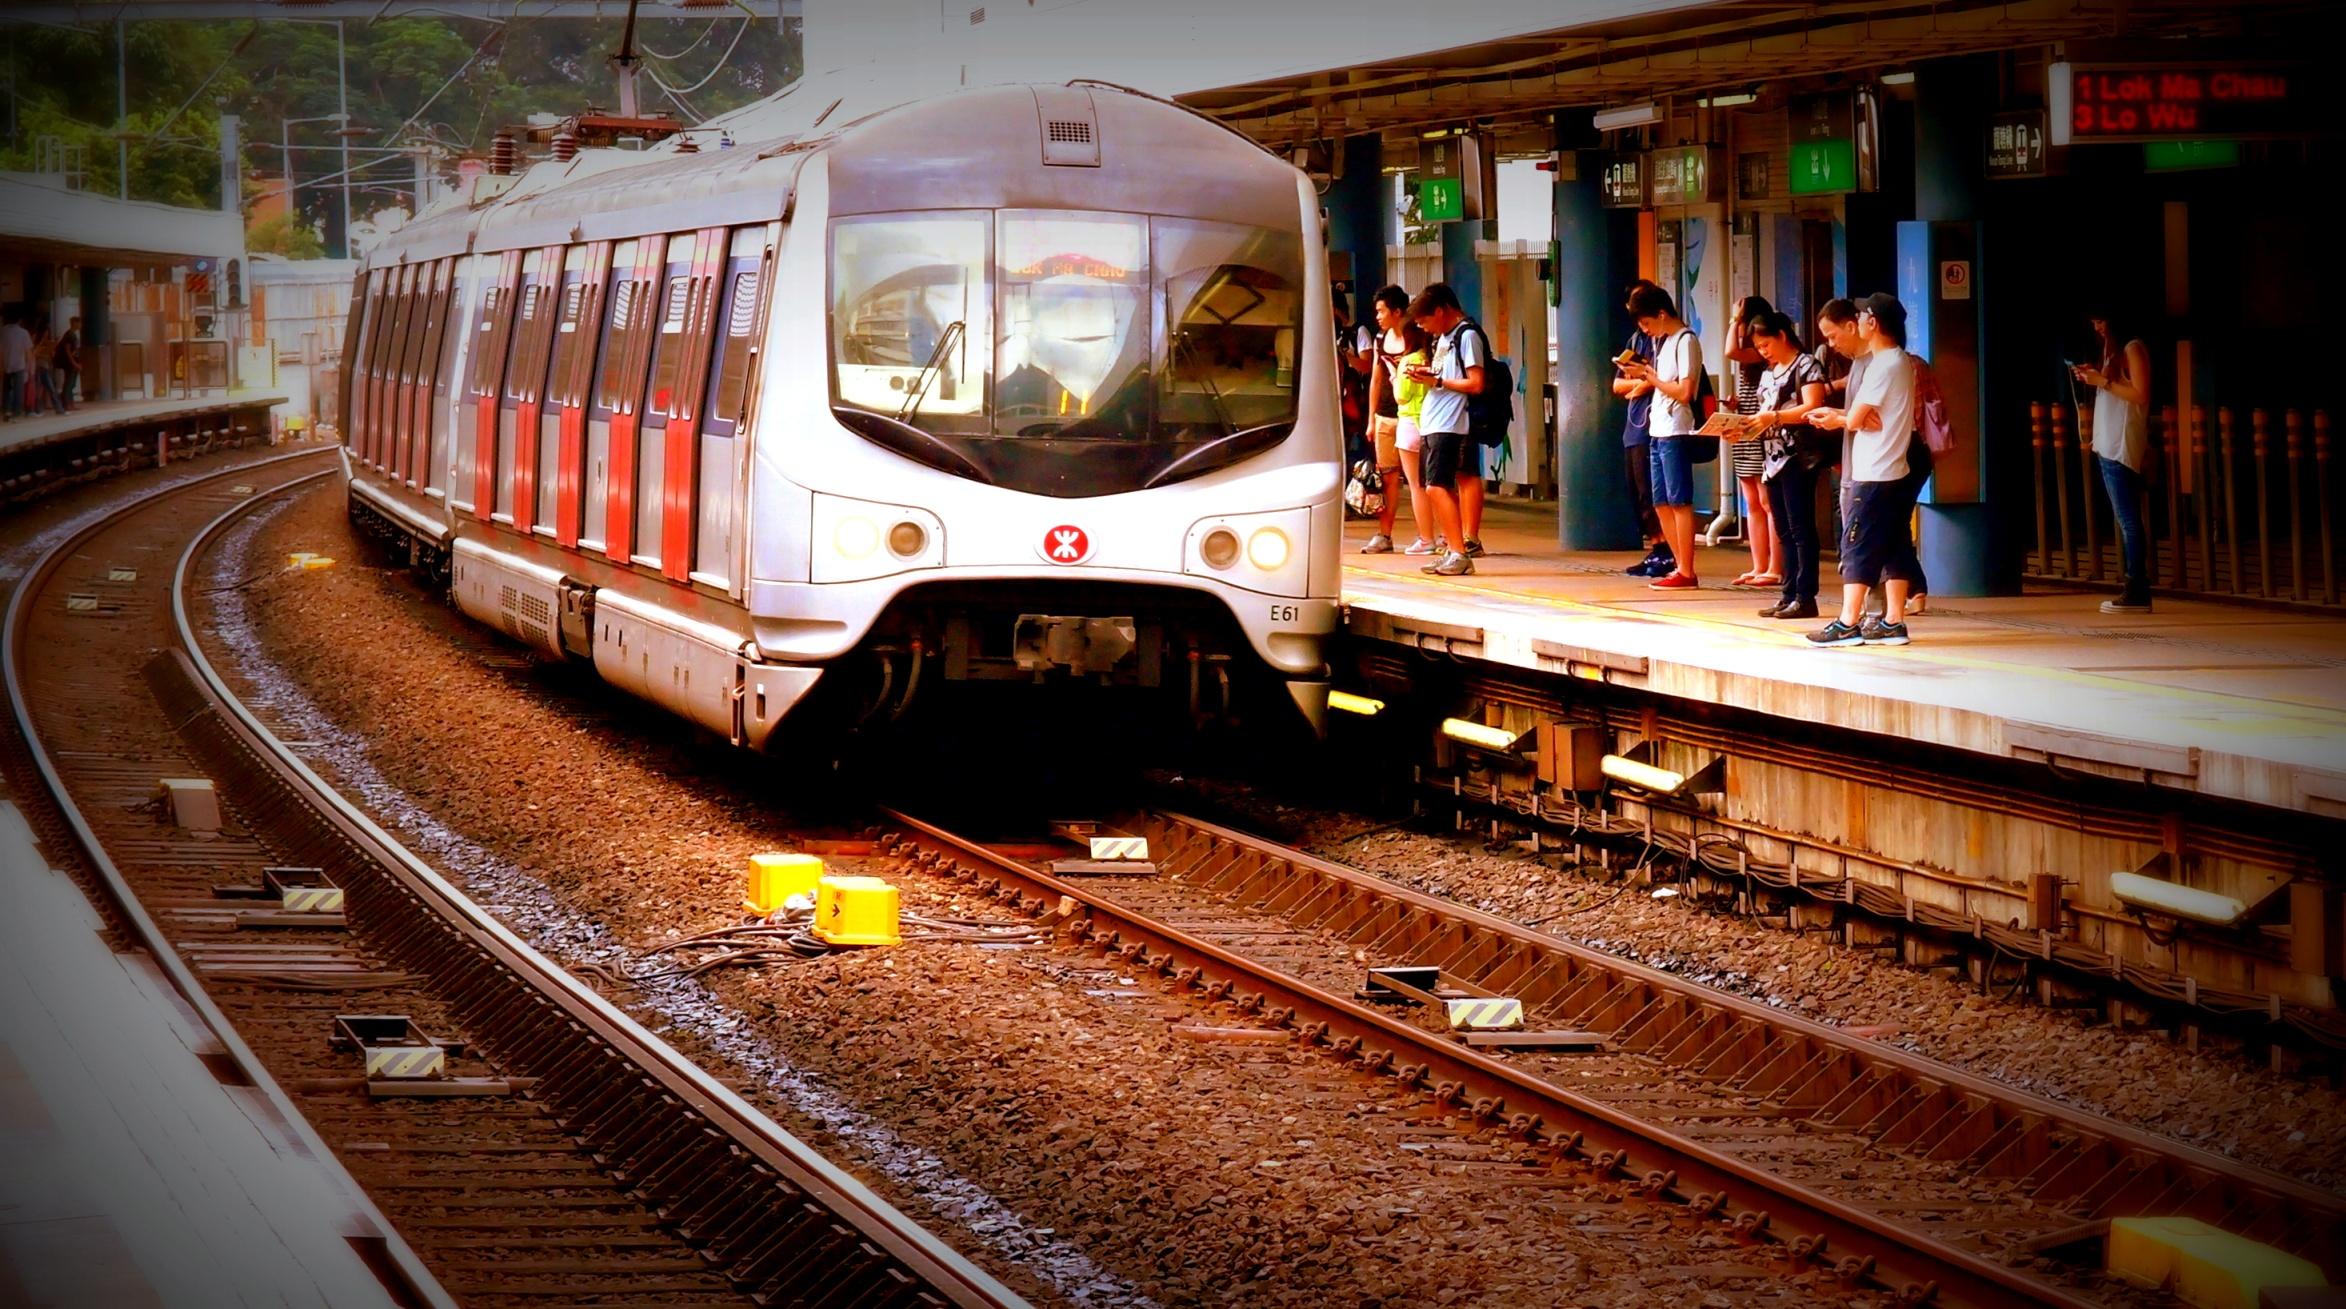 Train E61 heading towards the China Border